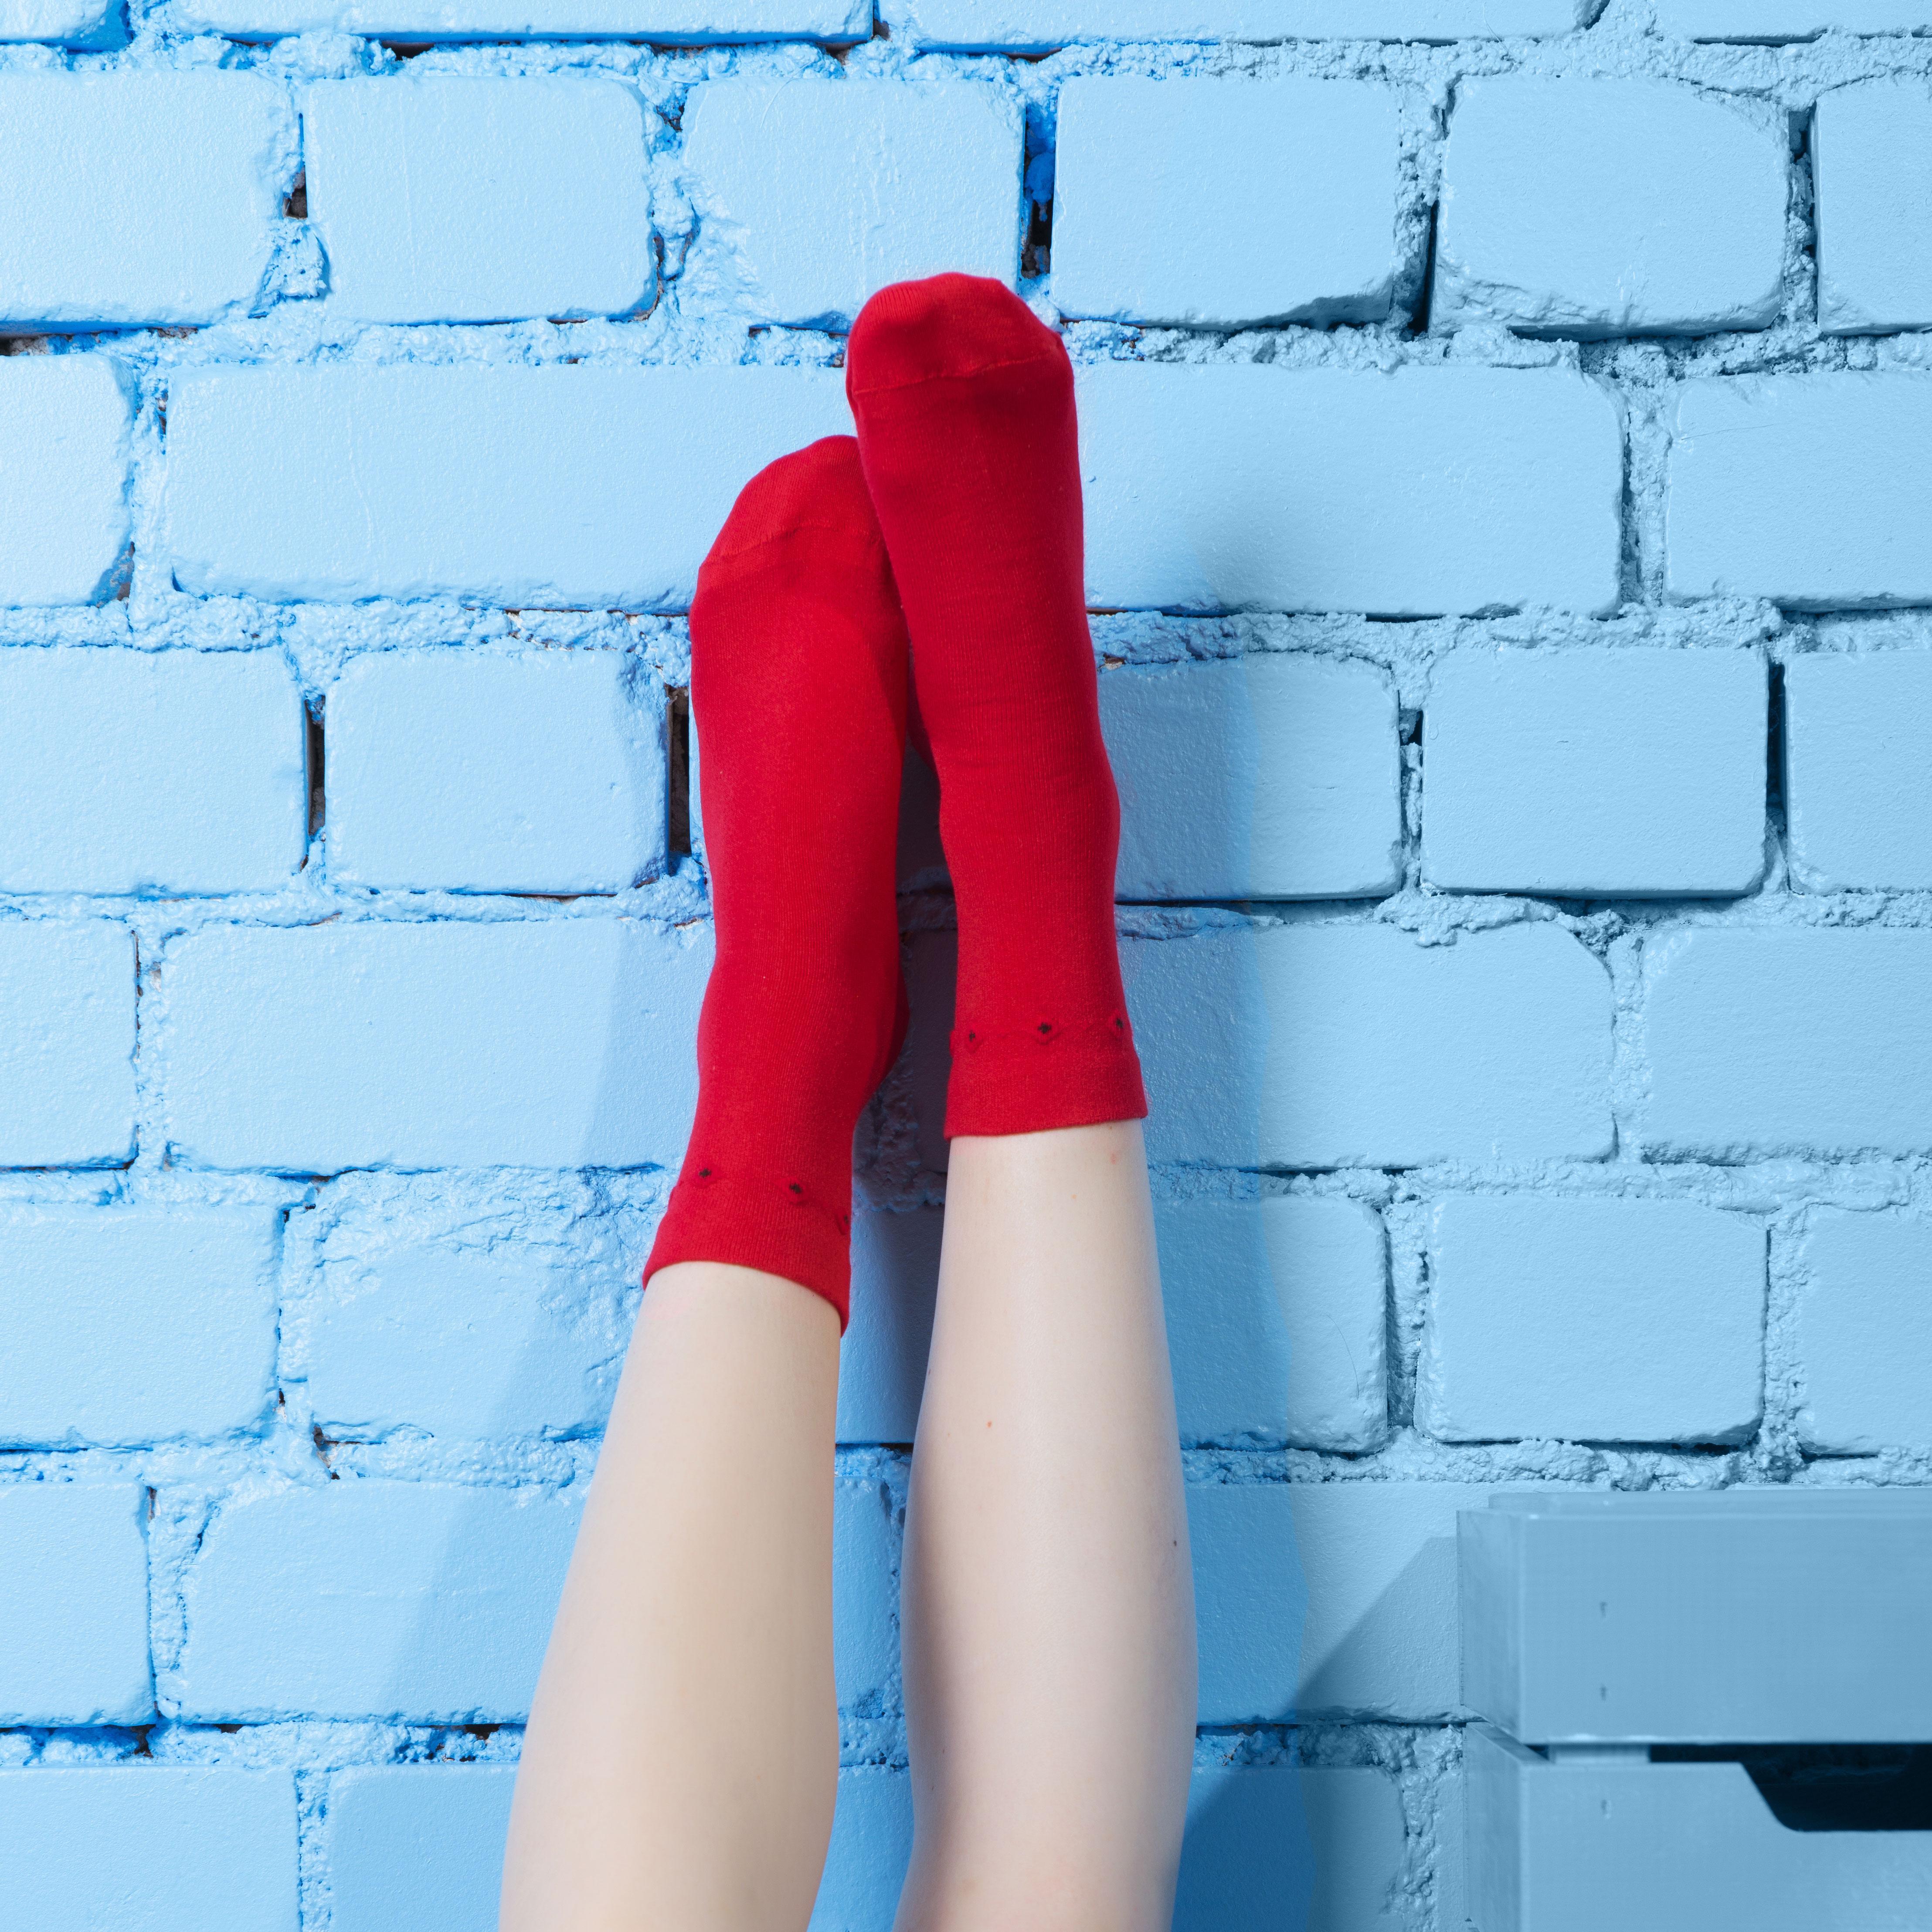 kojines nespaudžiančiu krašteliu